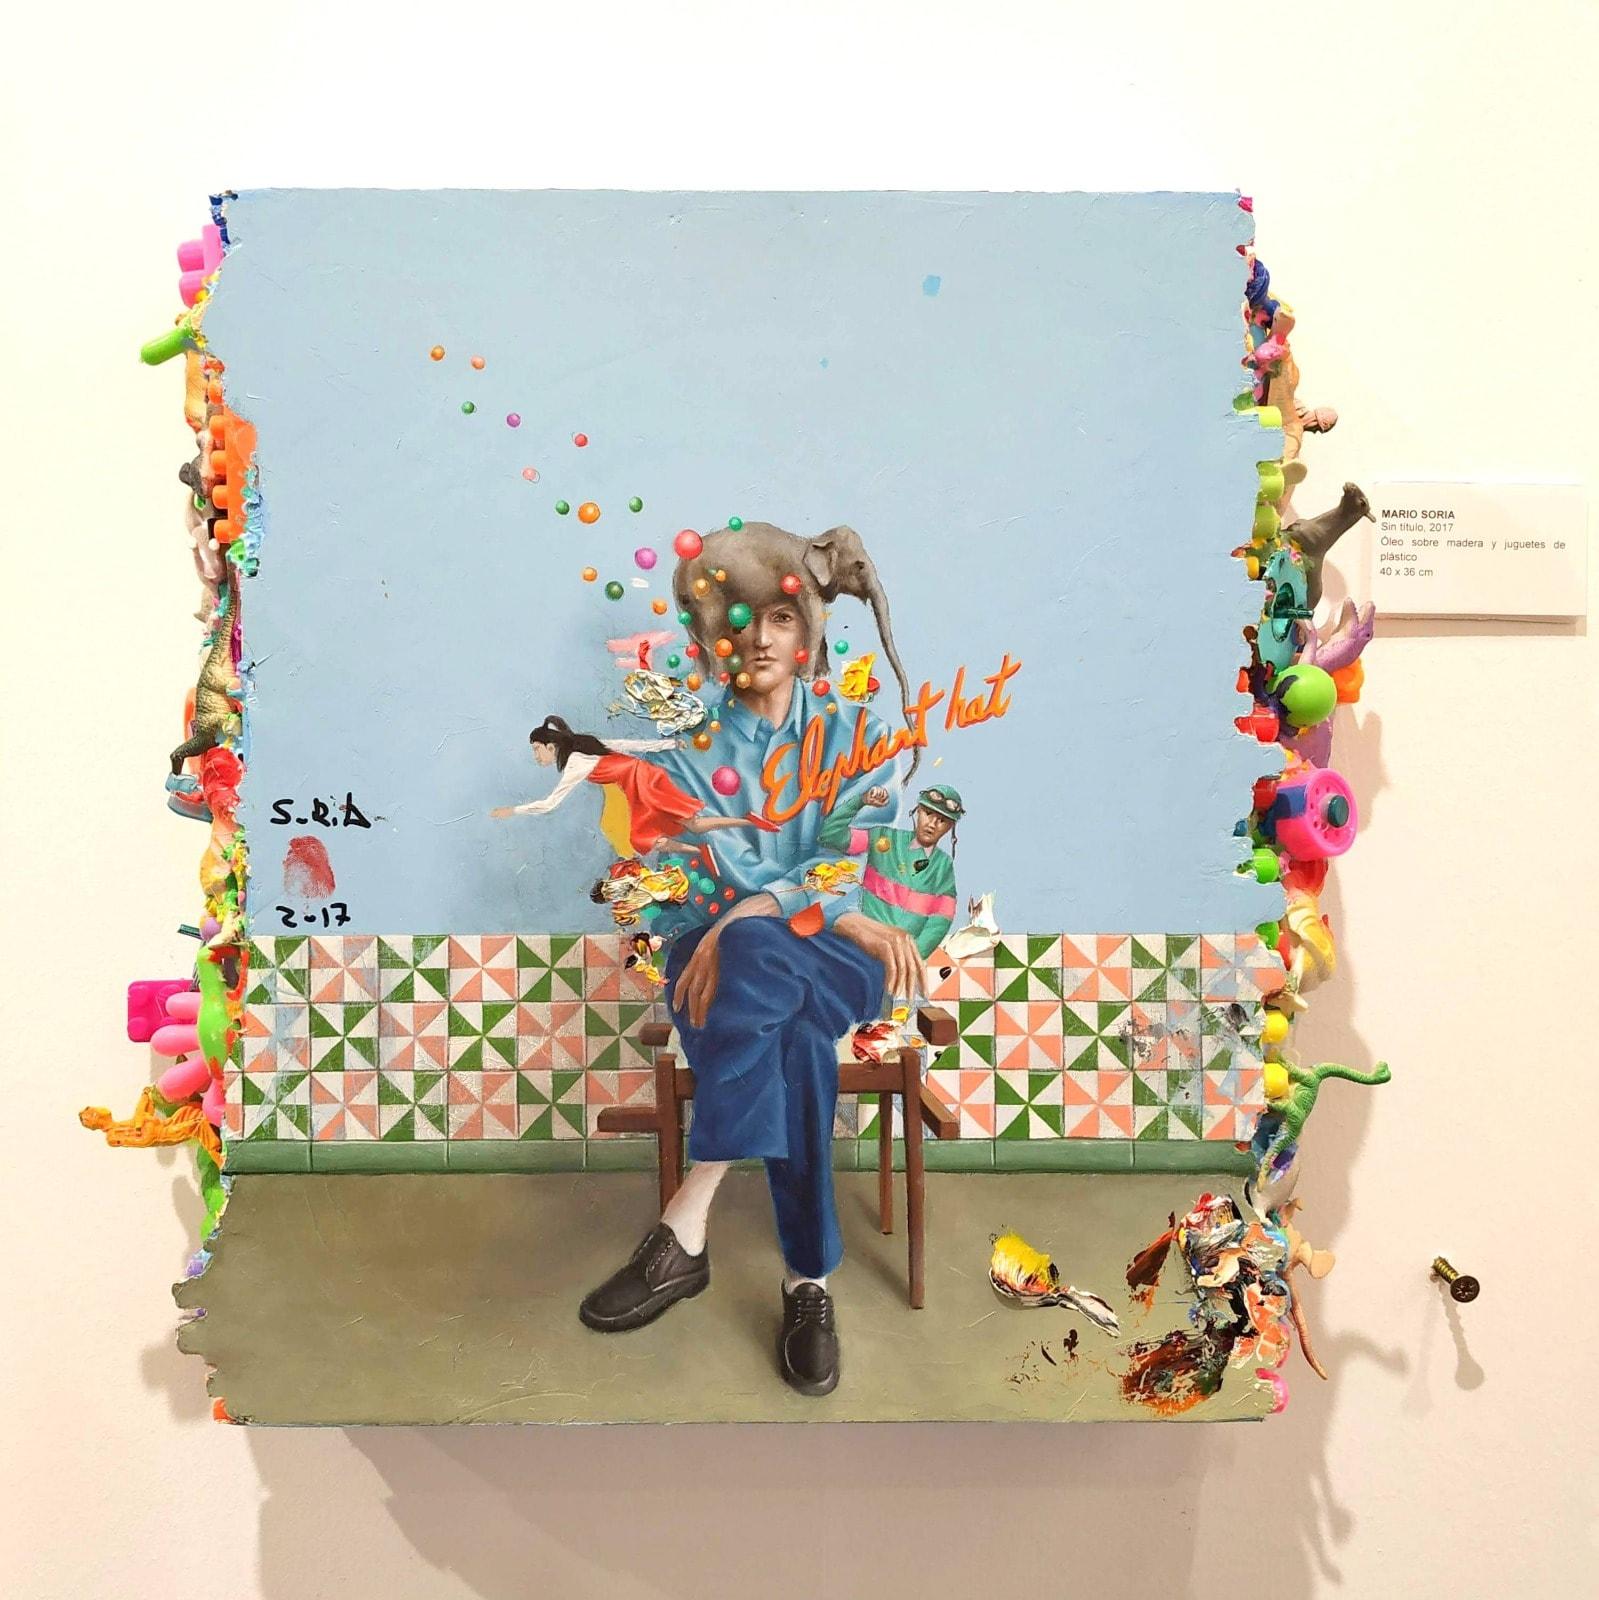 Mario Soria - N2 Galeria